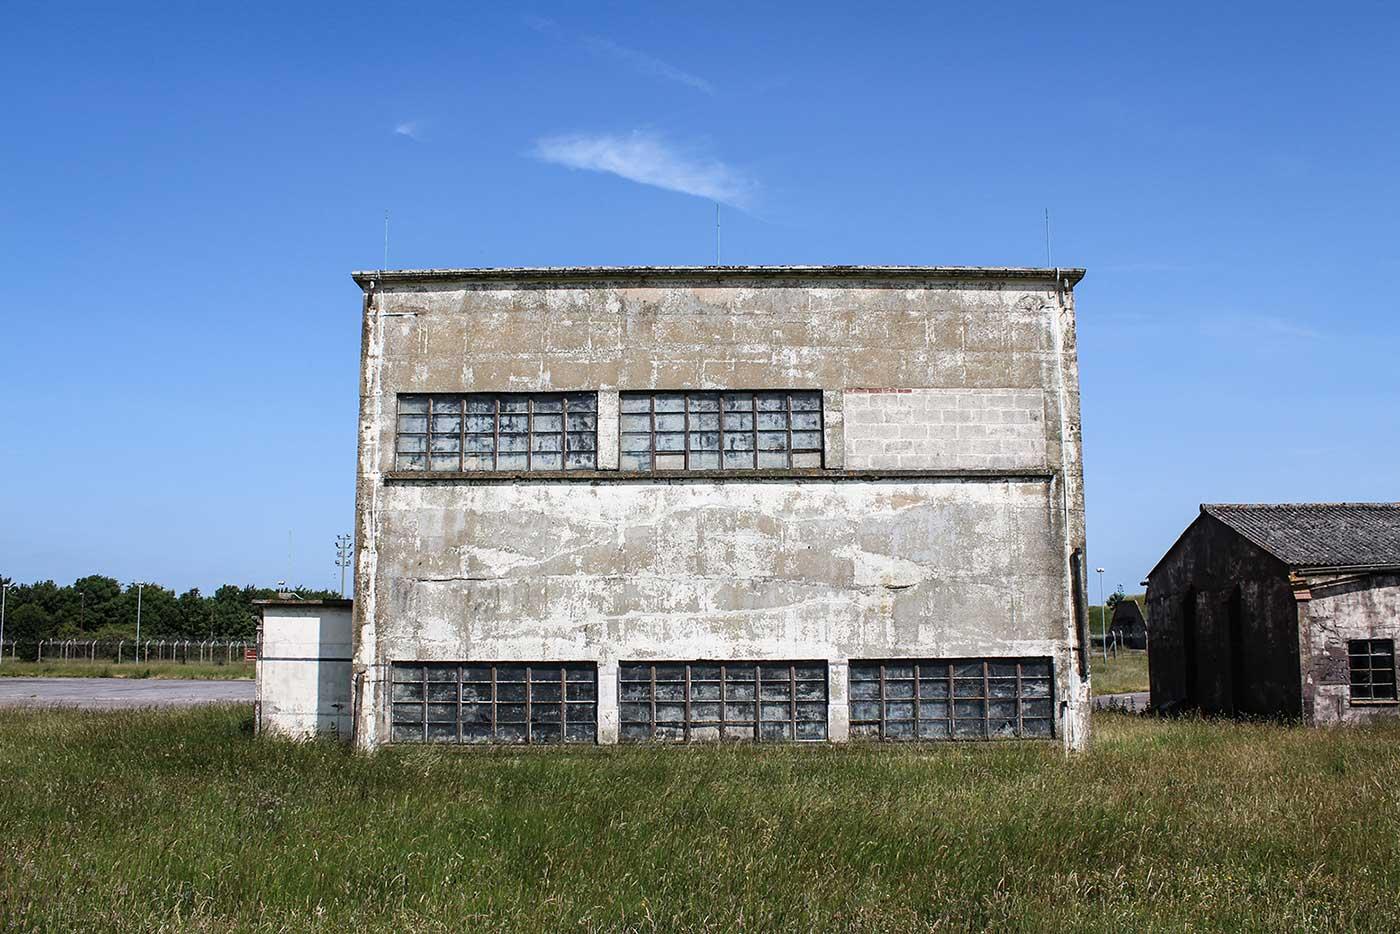 USAF Upper Heyford - 7 Bomb Store 12